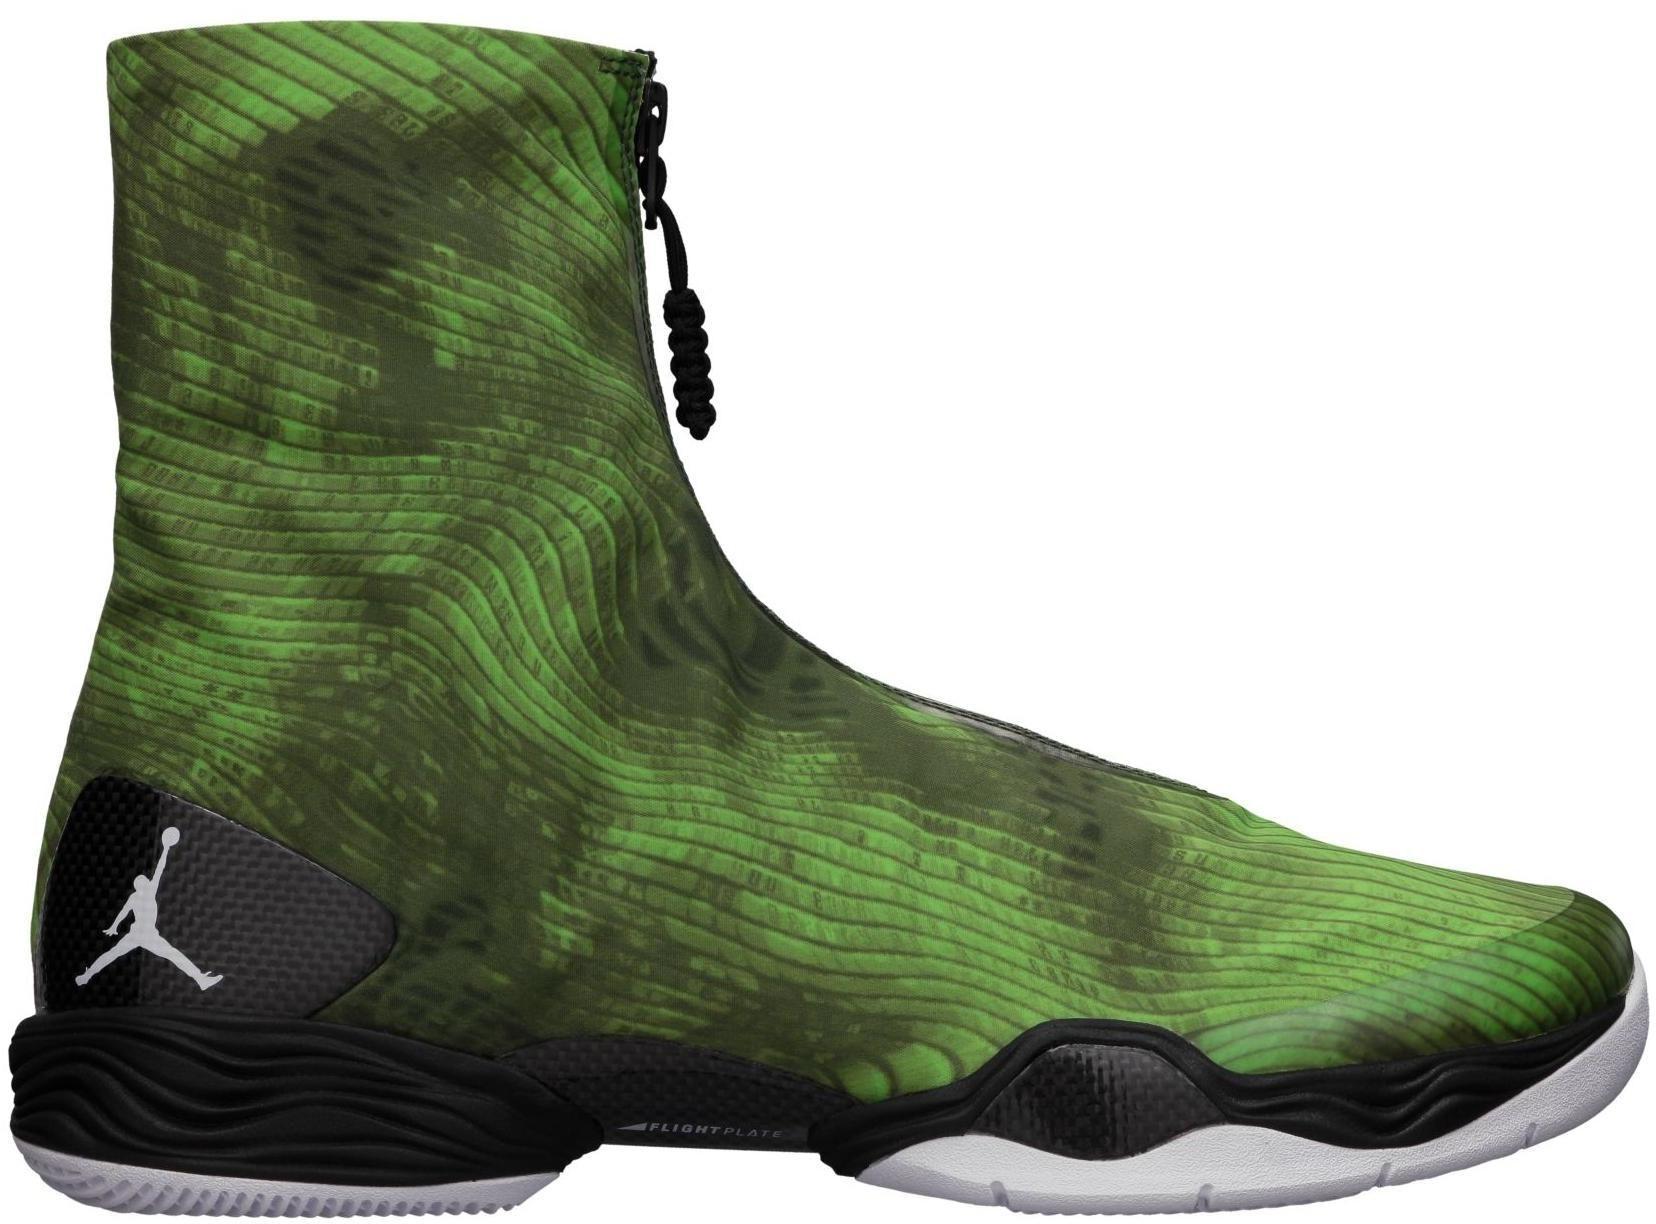 Jordan XX8 Green Camo